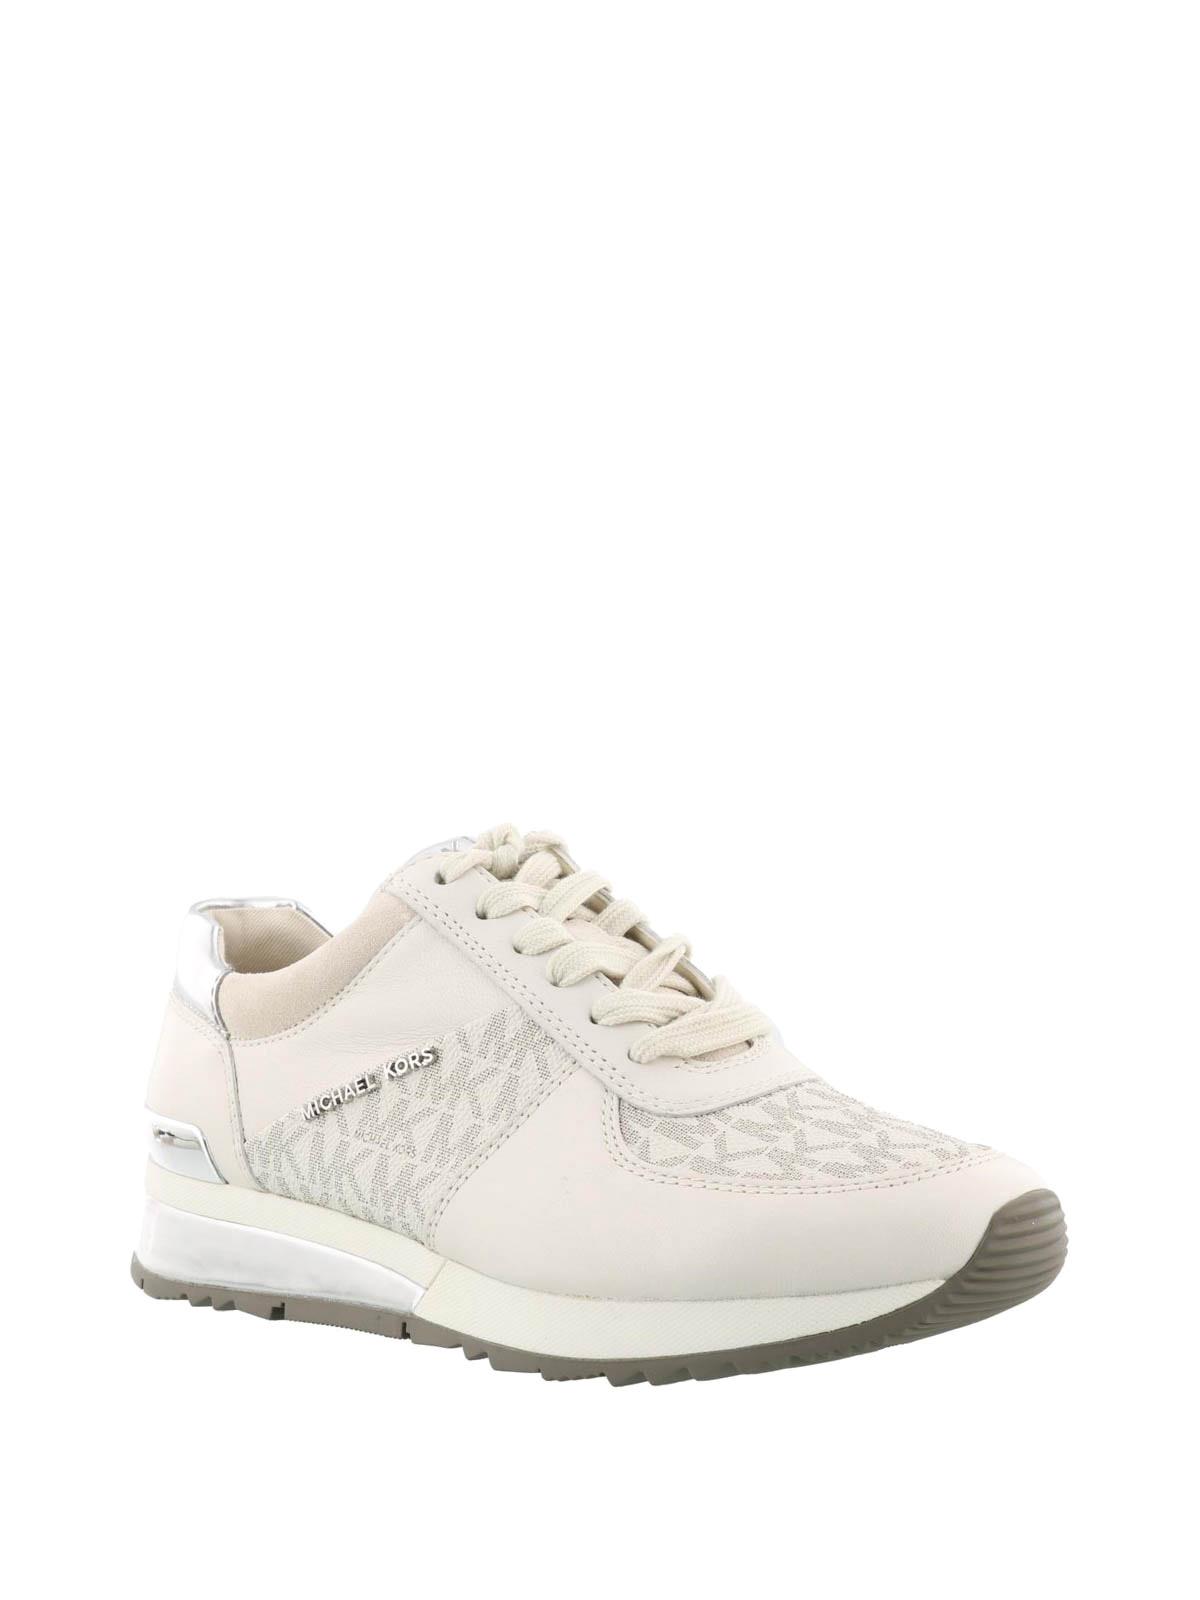 Michael Kors - Allie sneakers